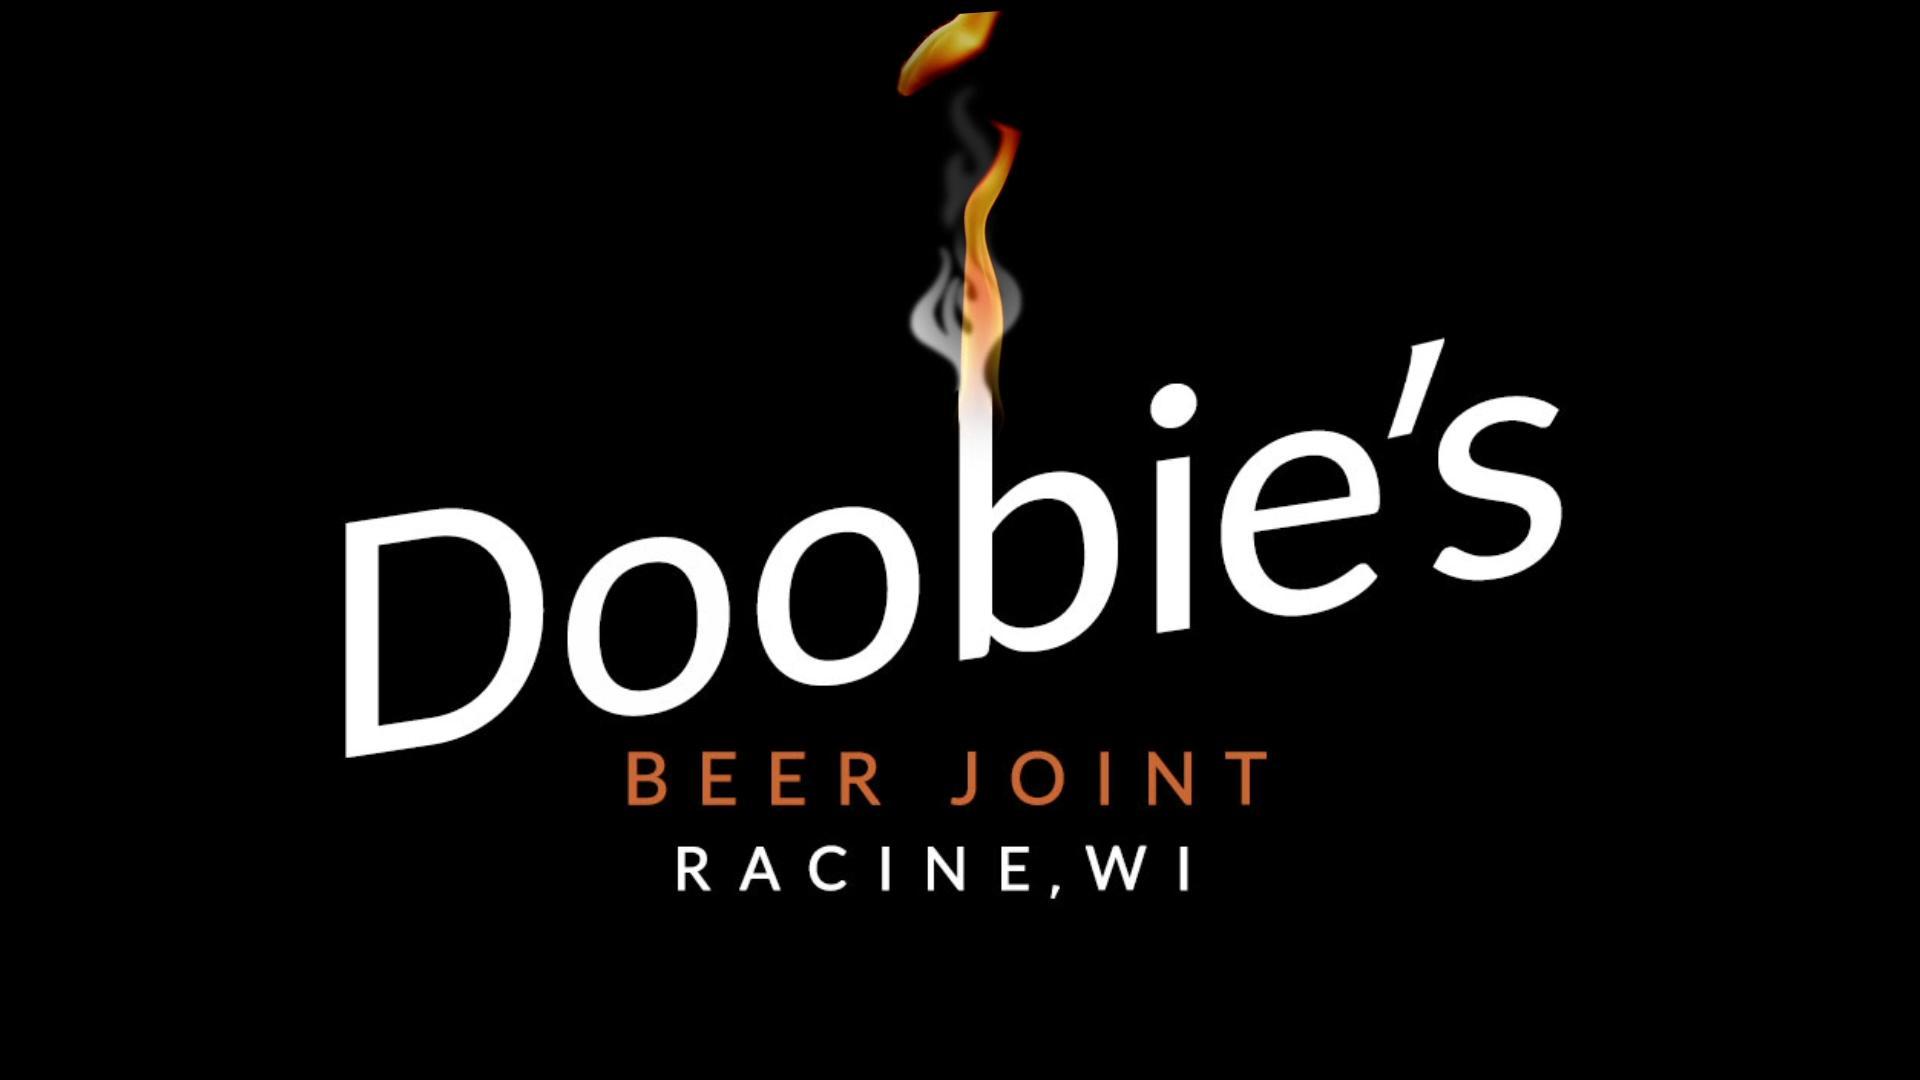 Doobie's Beer Joint